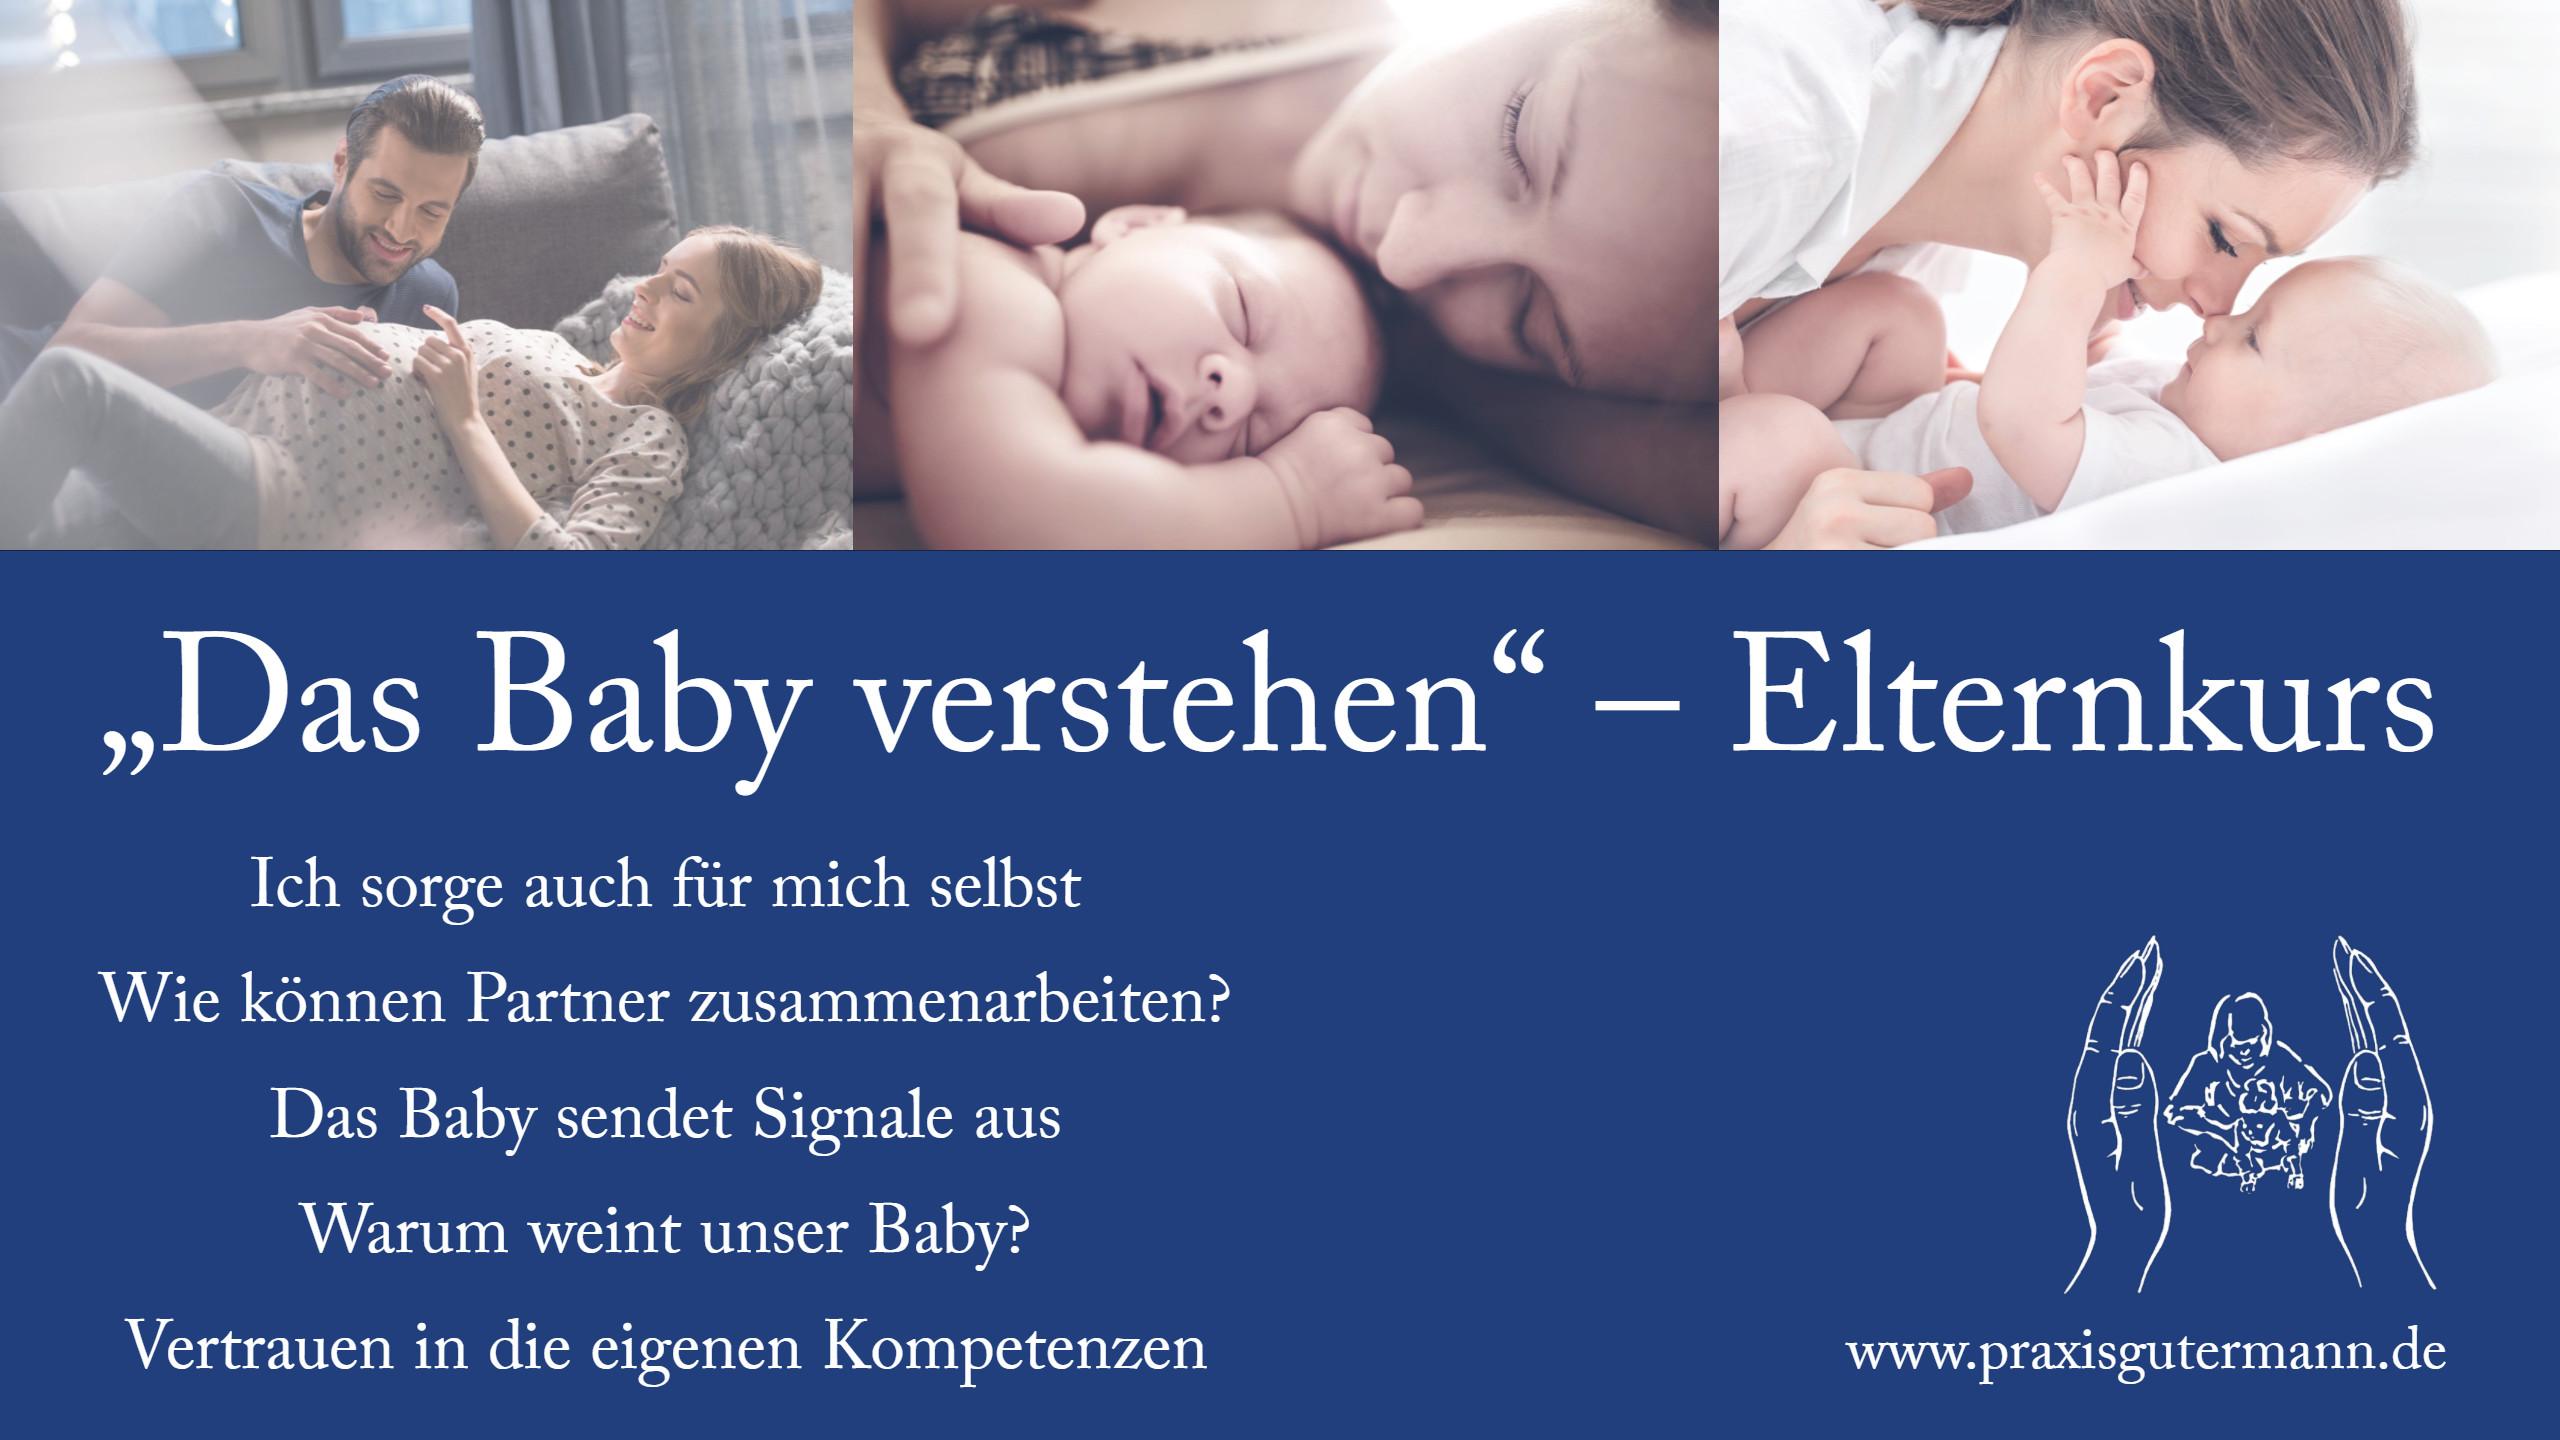 Elternkurs - Das Baby verstehen